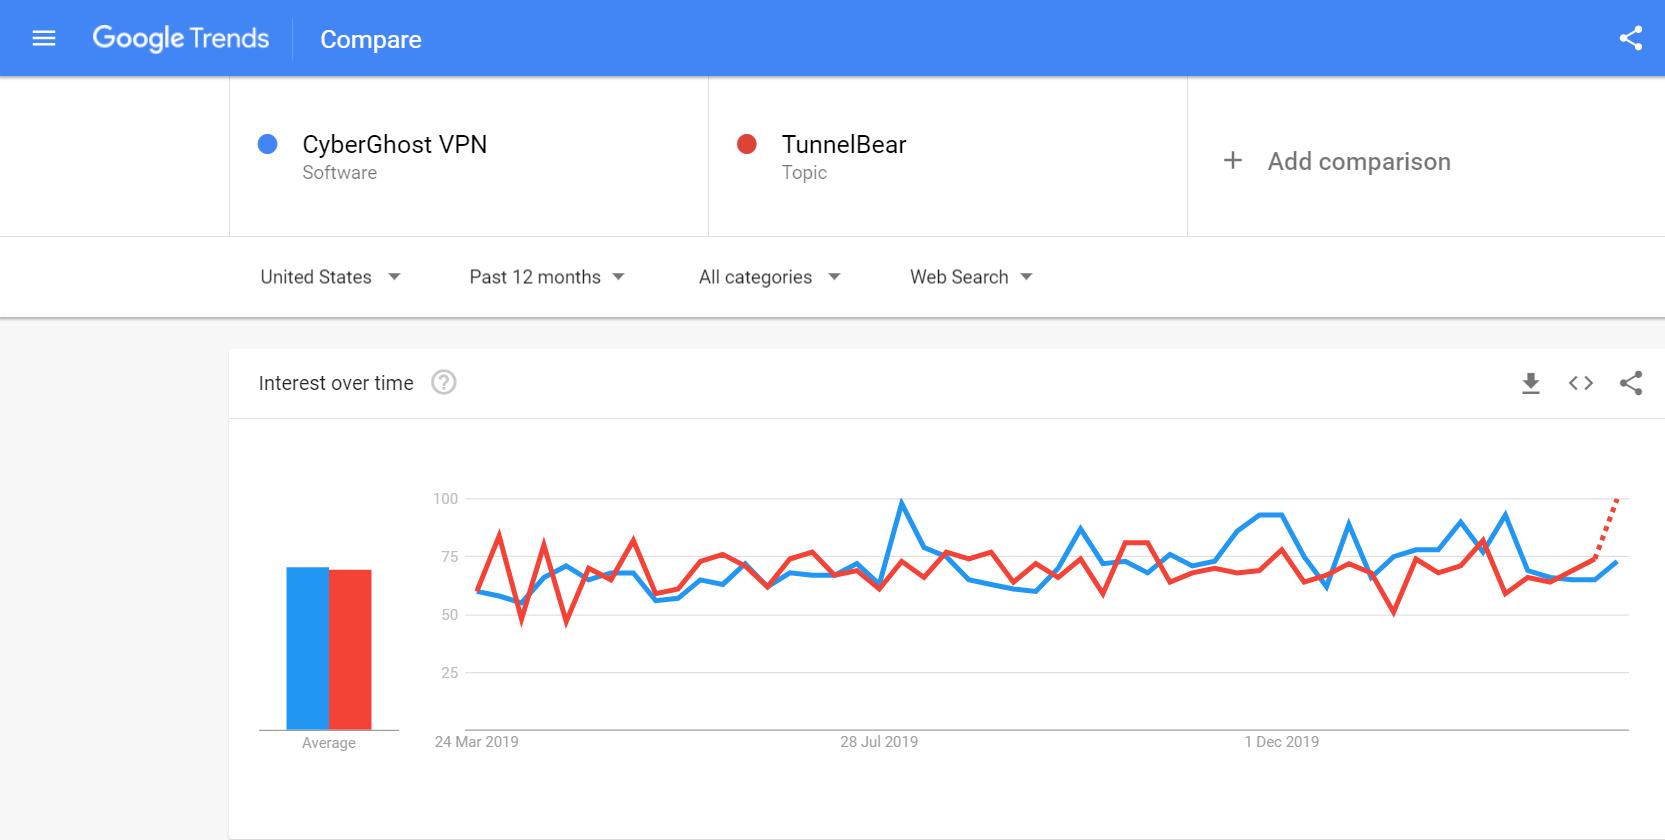 CyberGhost vs TunnelBear Search Comparison